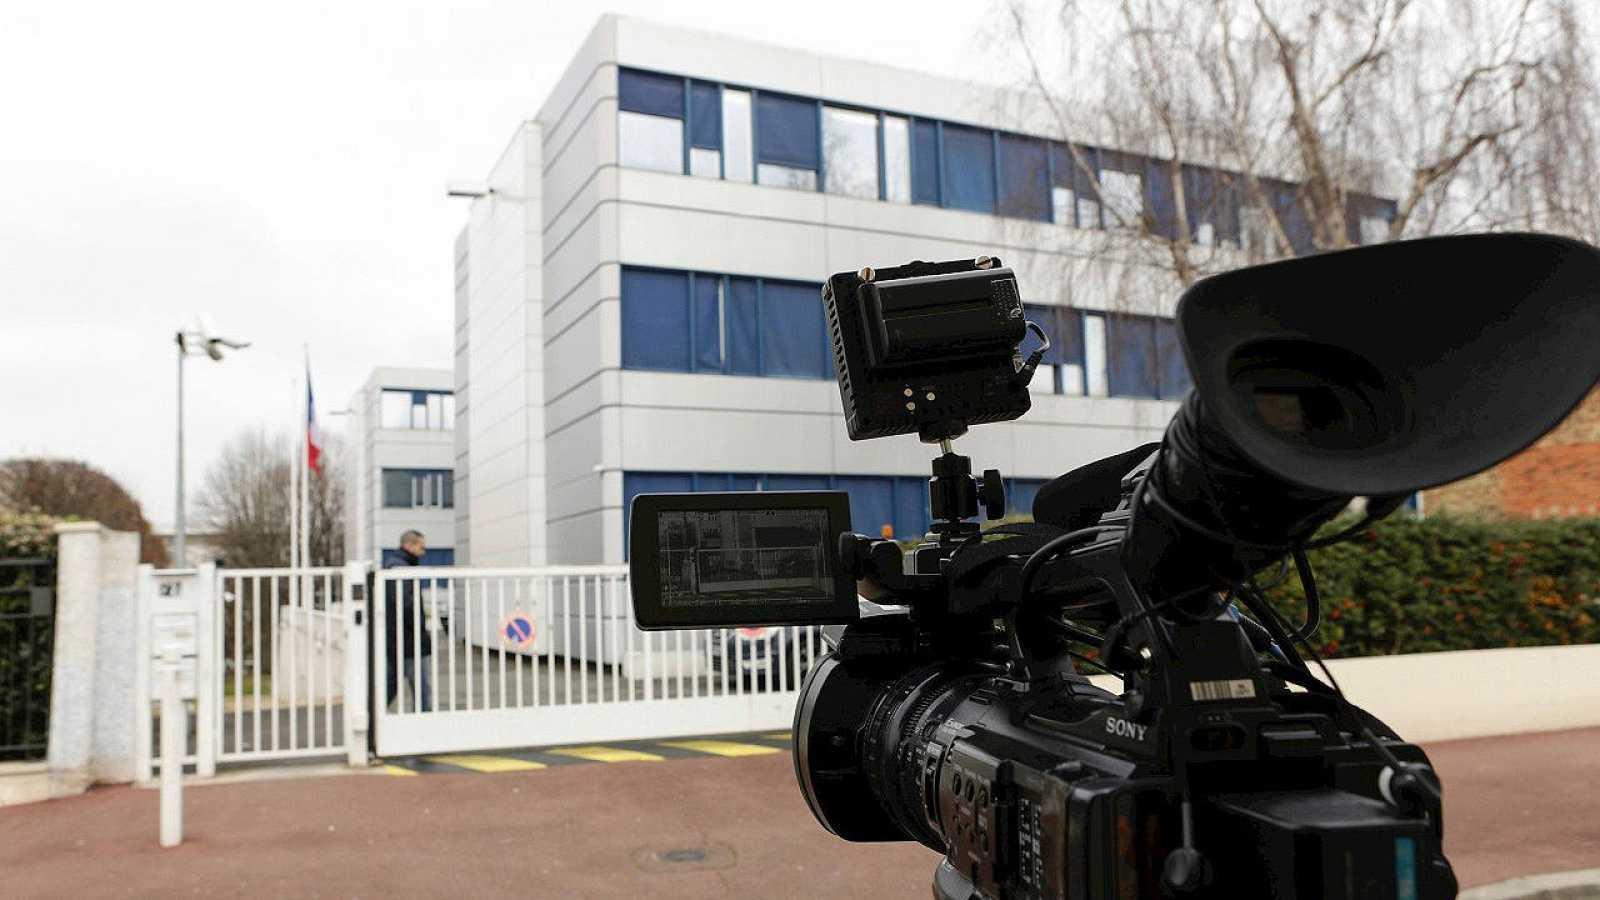 Cámaras de la televisión francesa frente a la sede del Frente Nacional en Nanterre, París, el 17 de febrero de 2016. AFP / Geoffroy Van der Hasselt